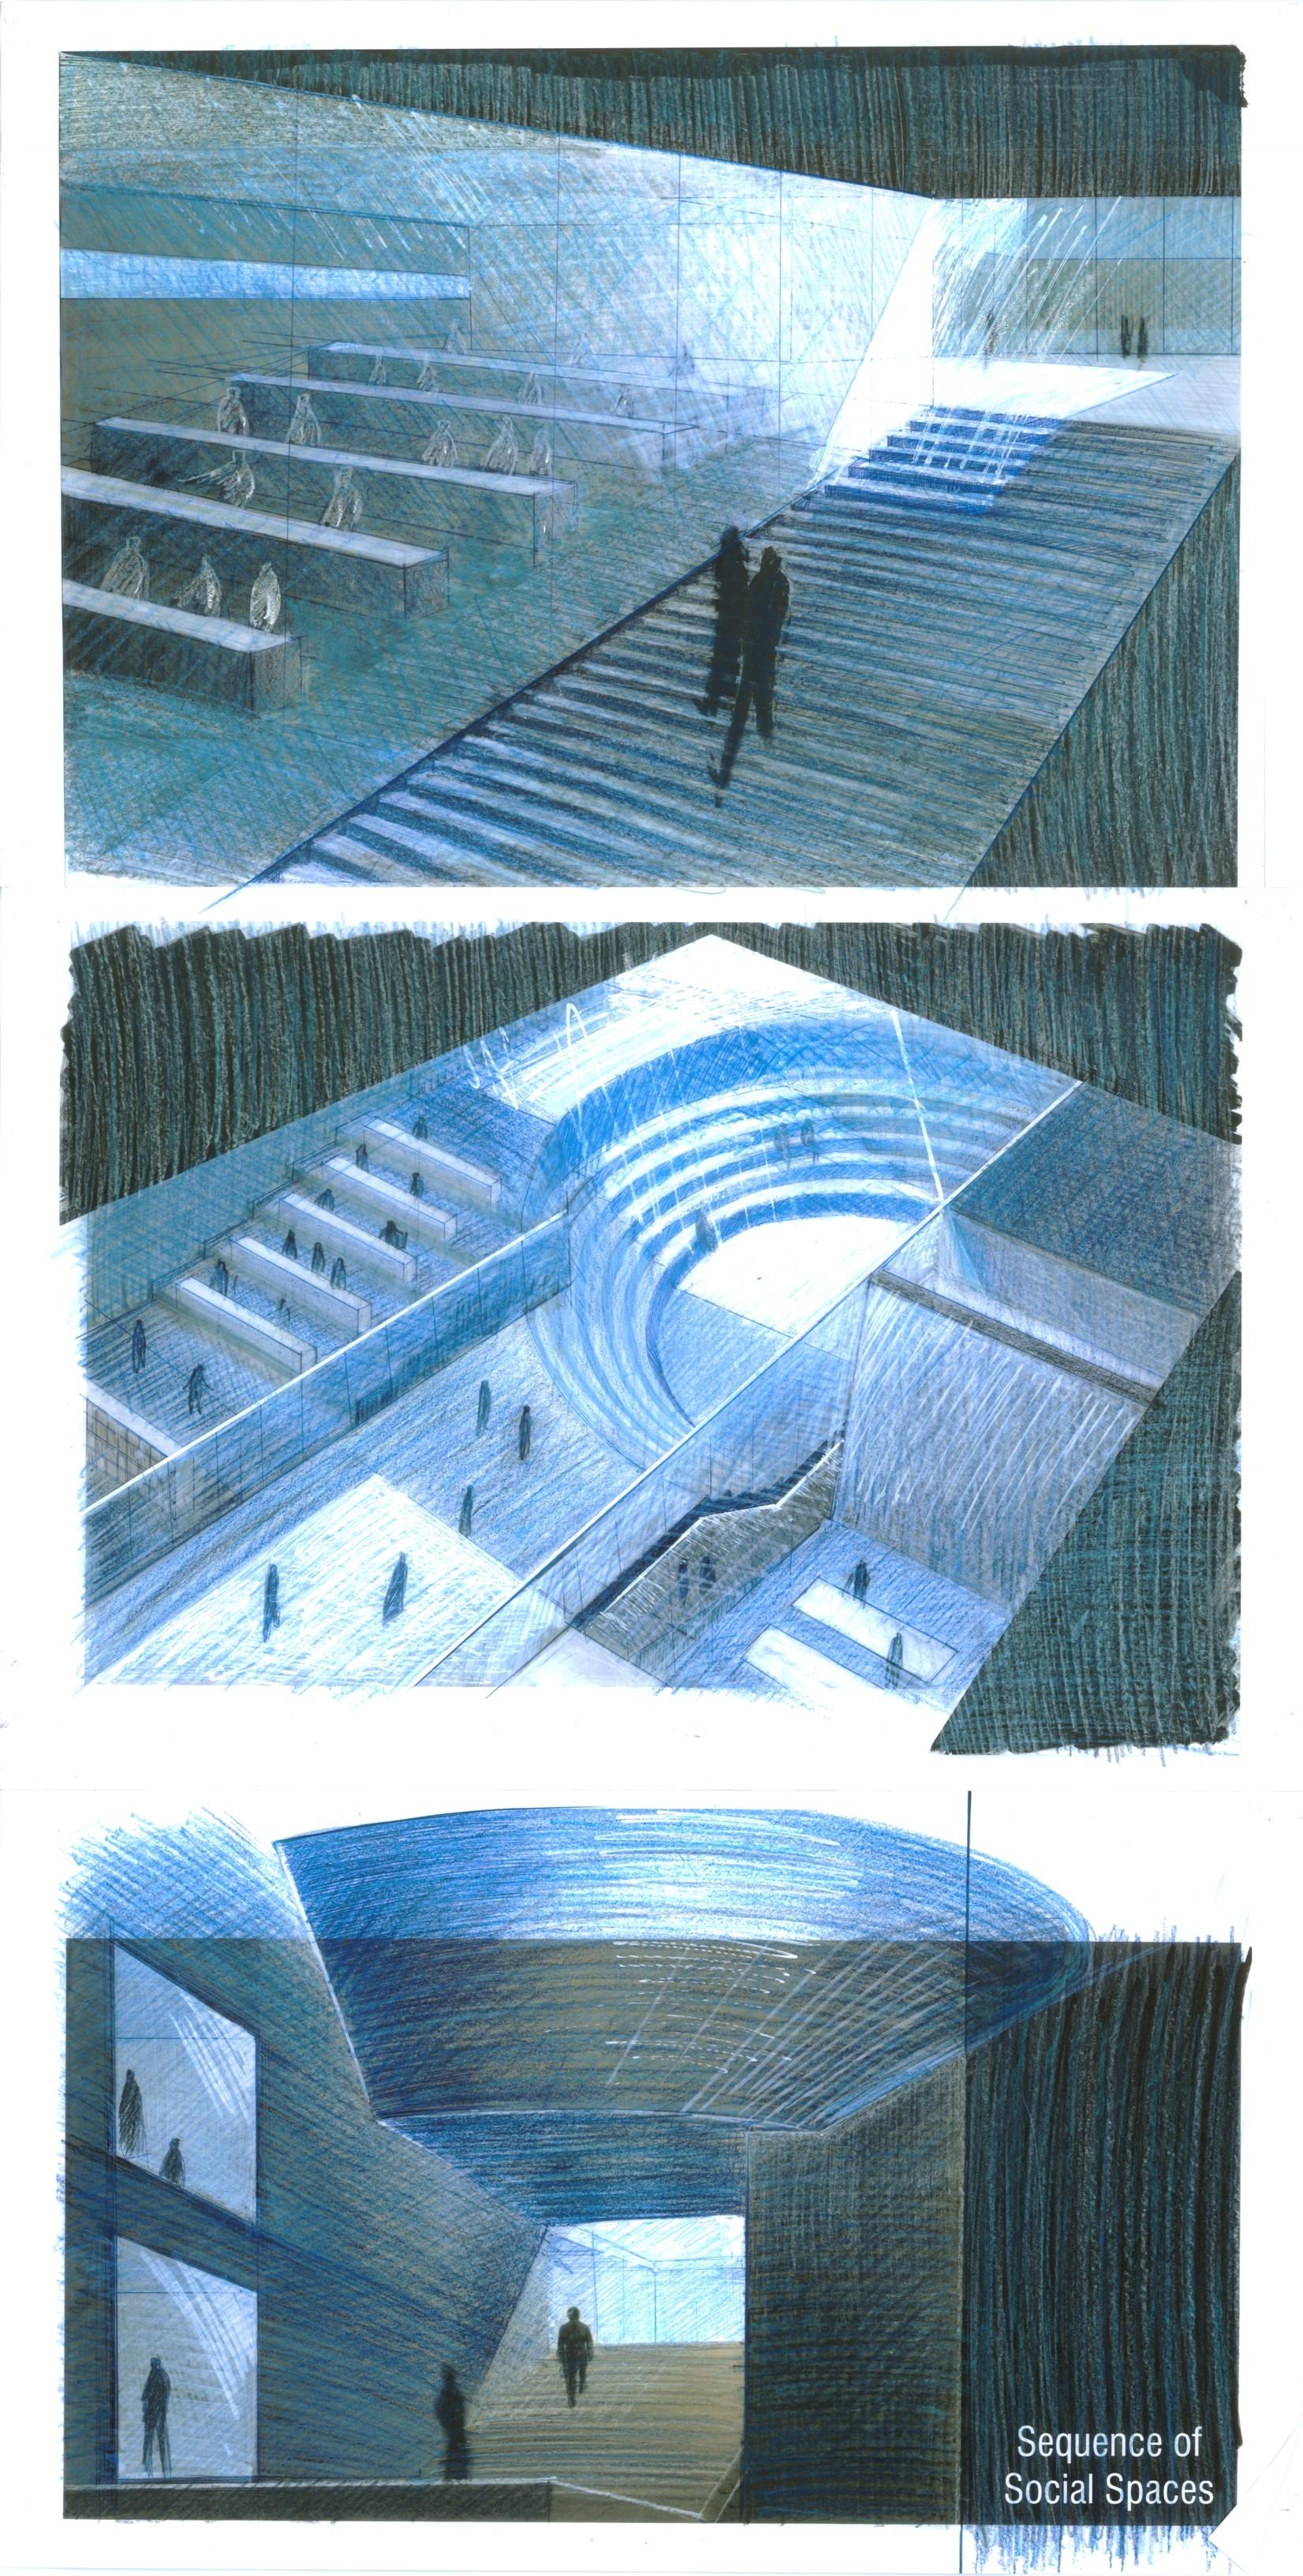 Galer a de tadao ando y el centro roberto garza sada de for Arte arquitectura y diseno definicion